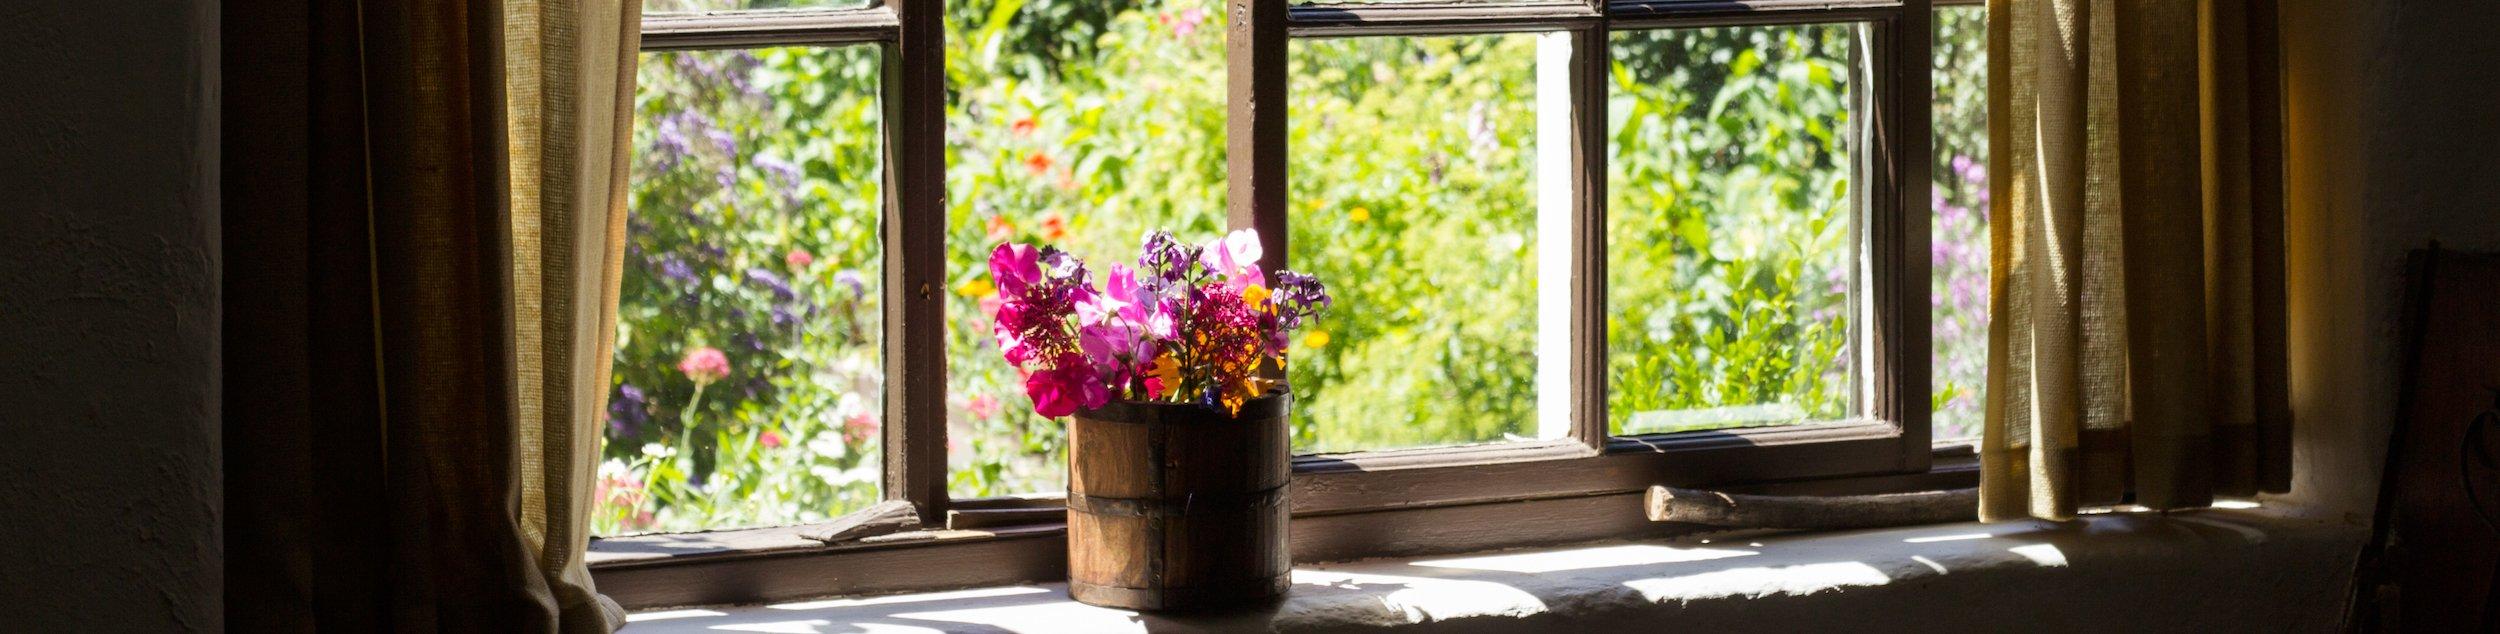 Garden through window